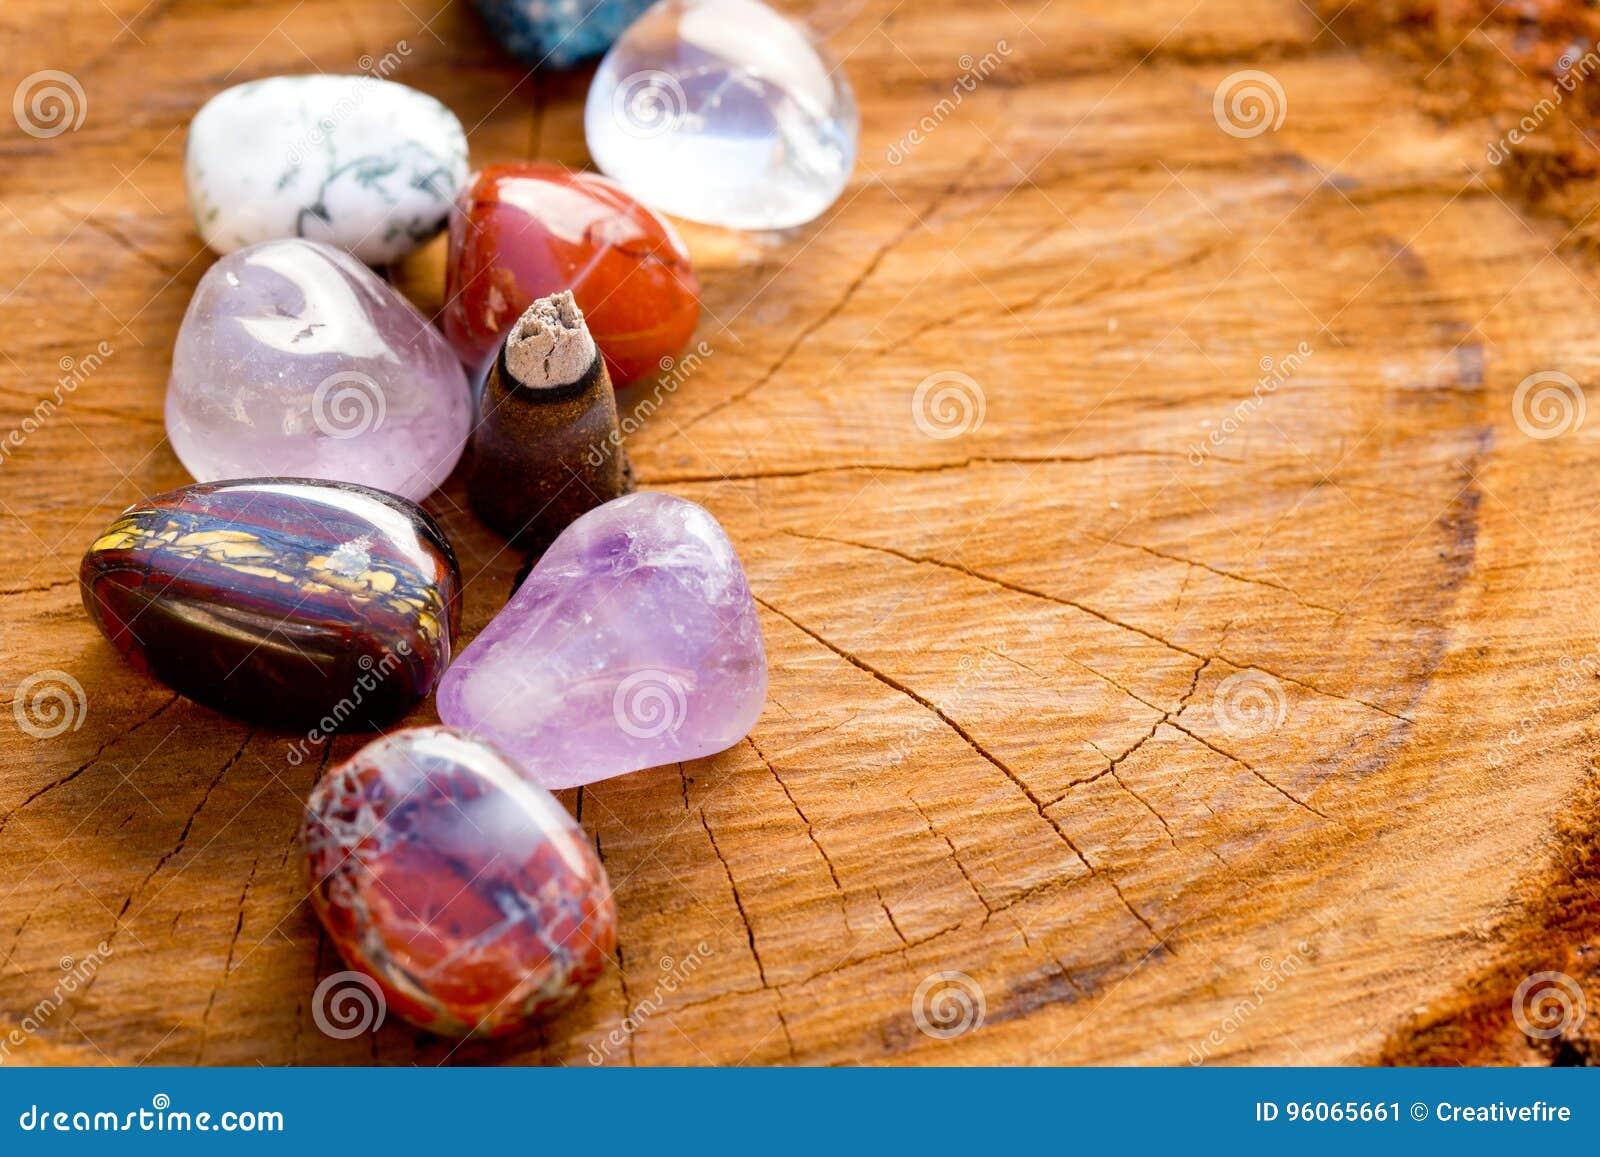 Brennender Weihrauchkegel mit gestolperten Kristall- Steinen auf Quer-sectio